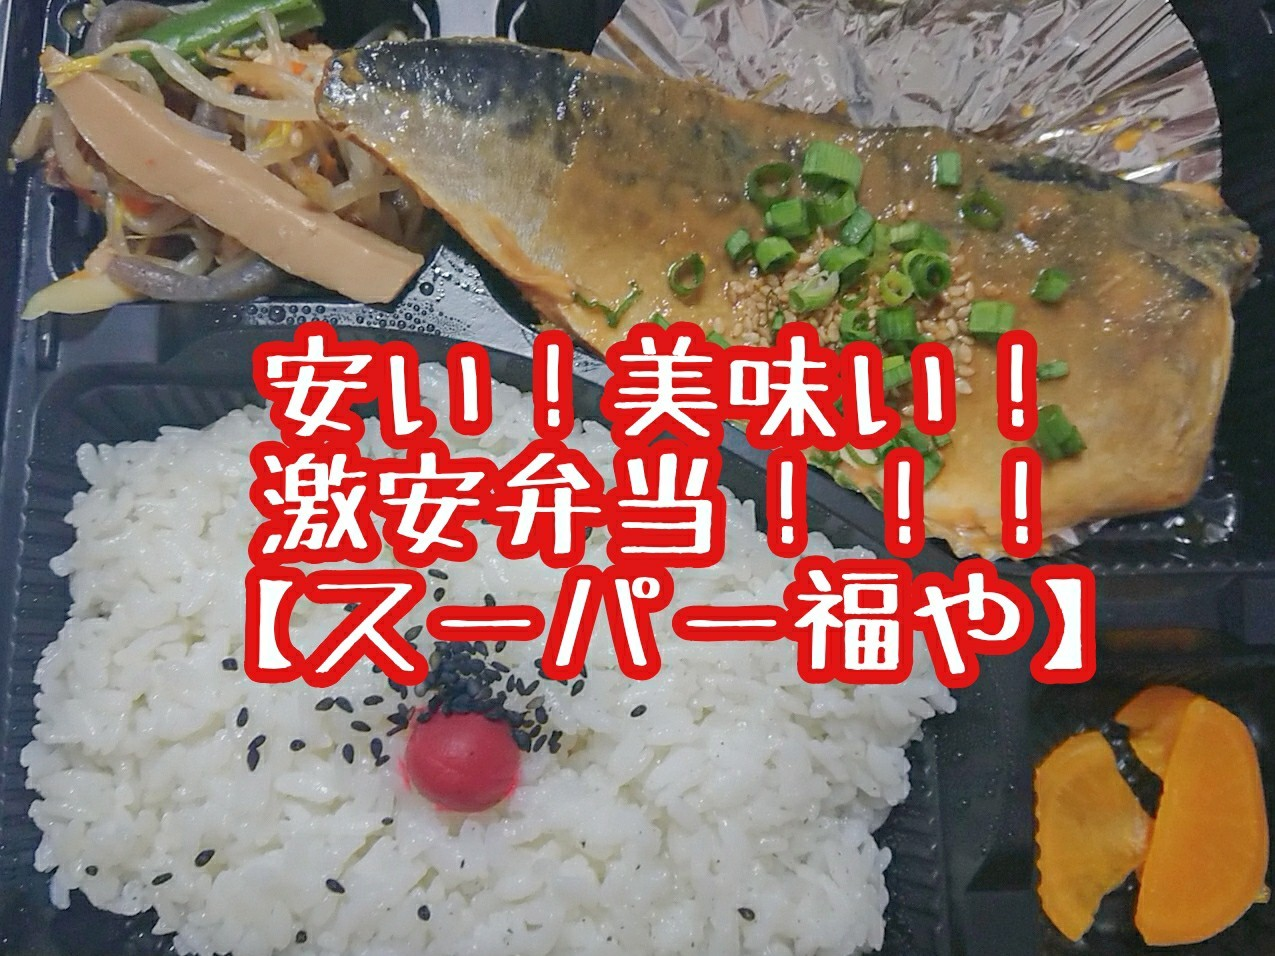 安い!美味い!激安弁当!!!【スーパー福や】